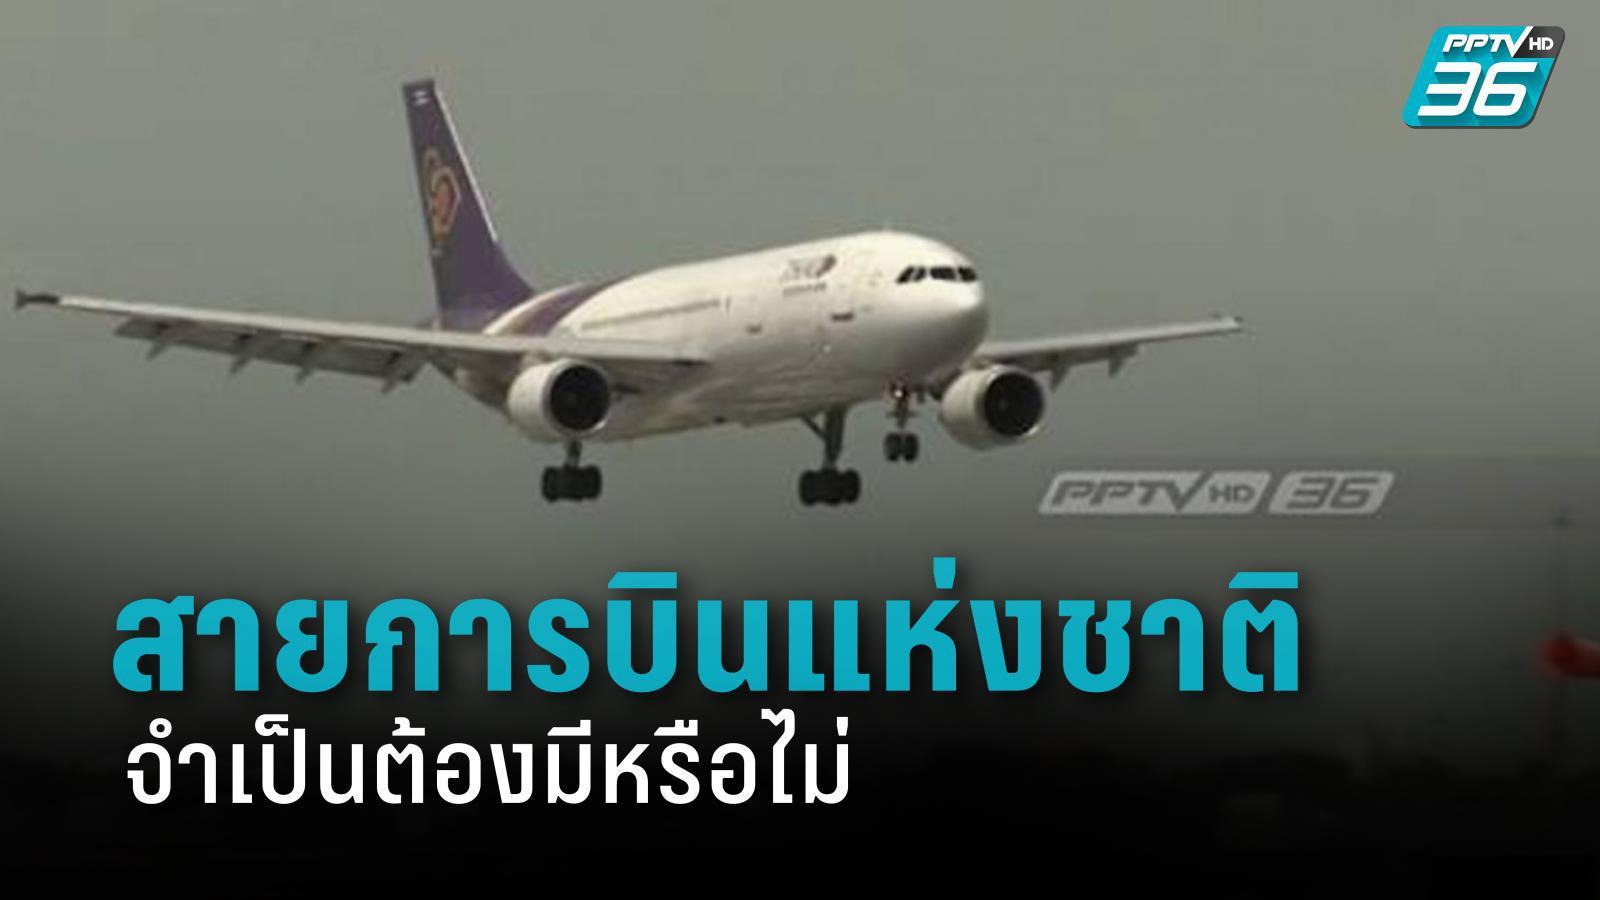 """""""ก้าวไกล"""" ชี้ อุ้มการบินไทย วงเงินจริงอาจสูงกว่า 1.34 แสนล้าน"""